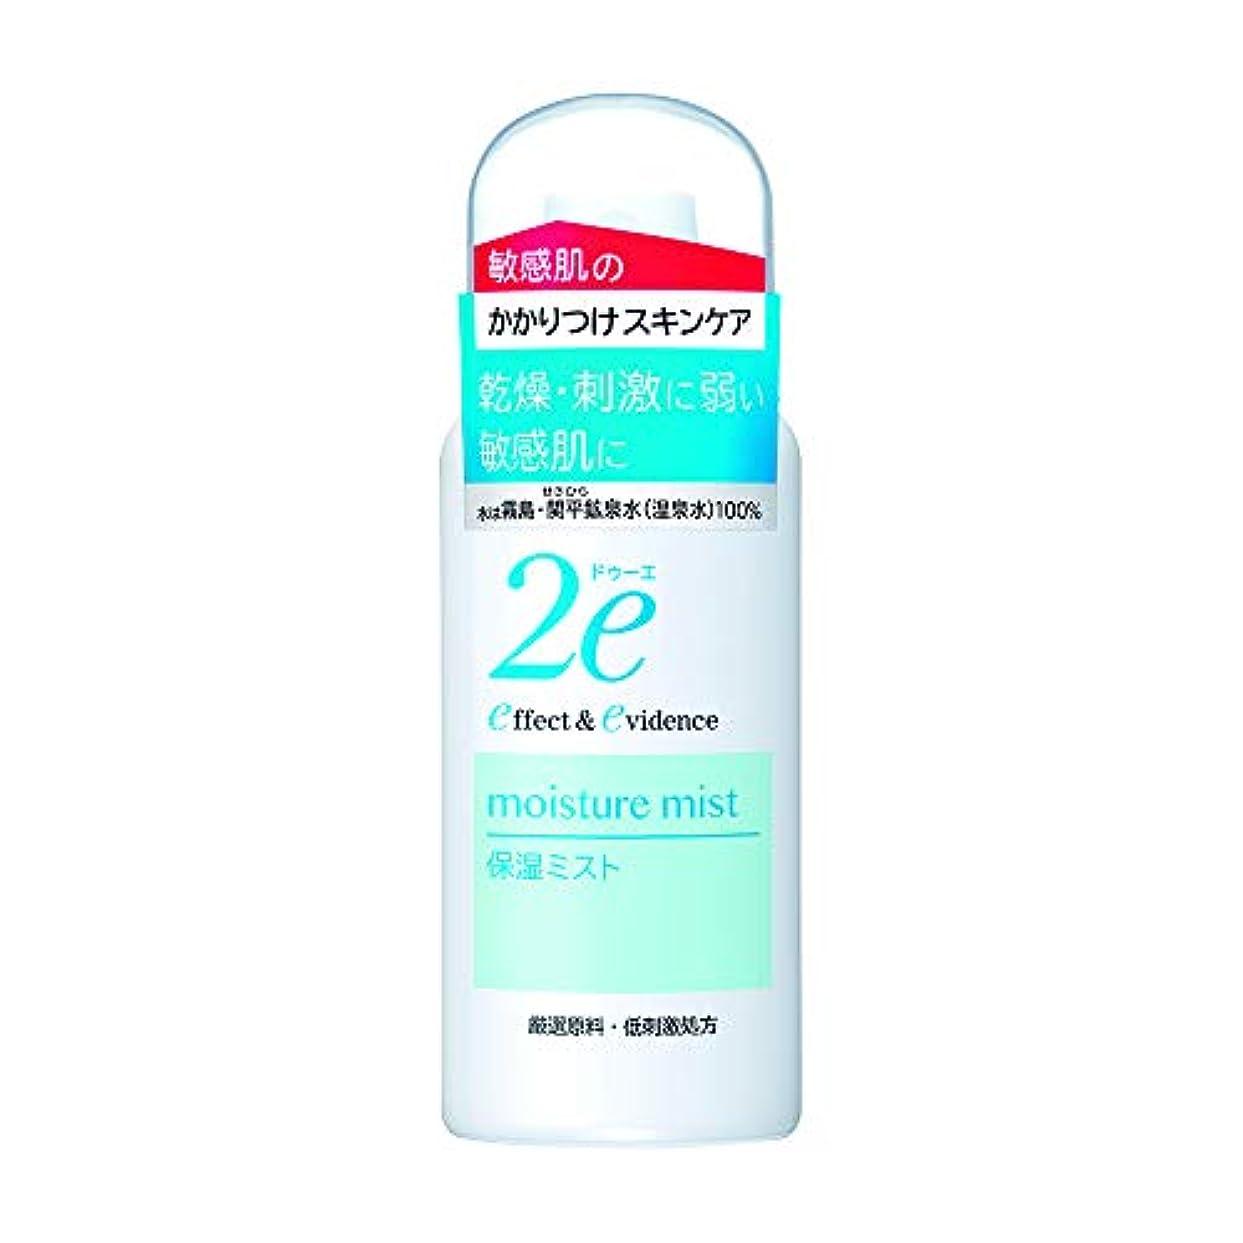 木製来て流星2e(ドゥーエ) 保湿ミスト 携帯用 敏感肌用化粧水 スプレータイプ 低刺激処方 50g